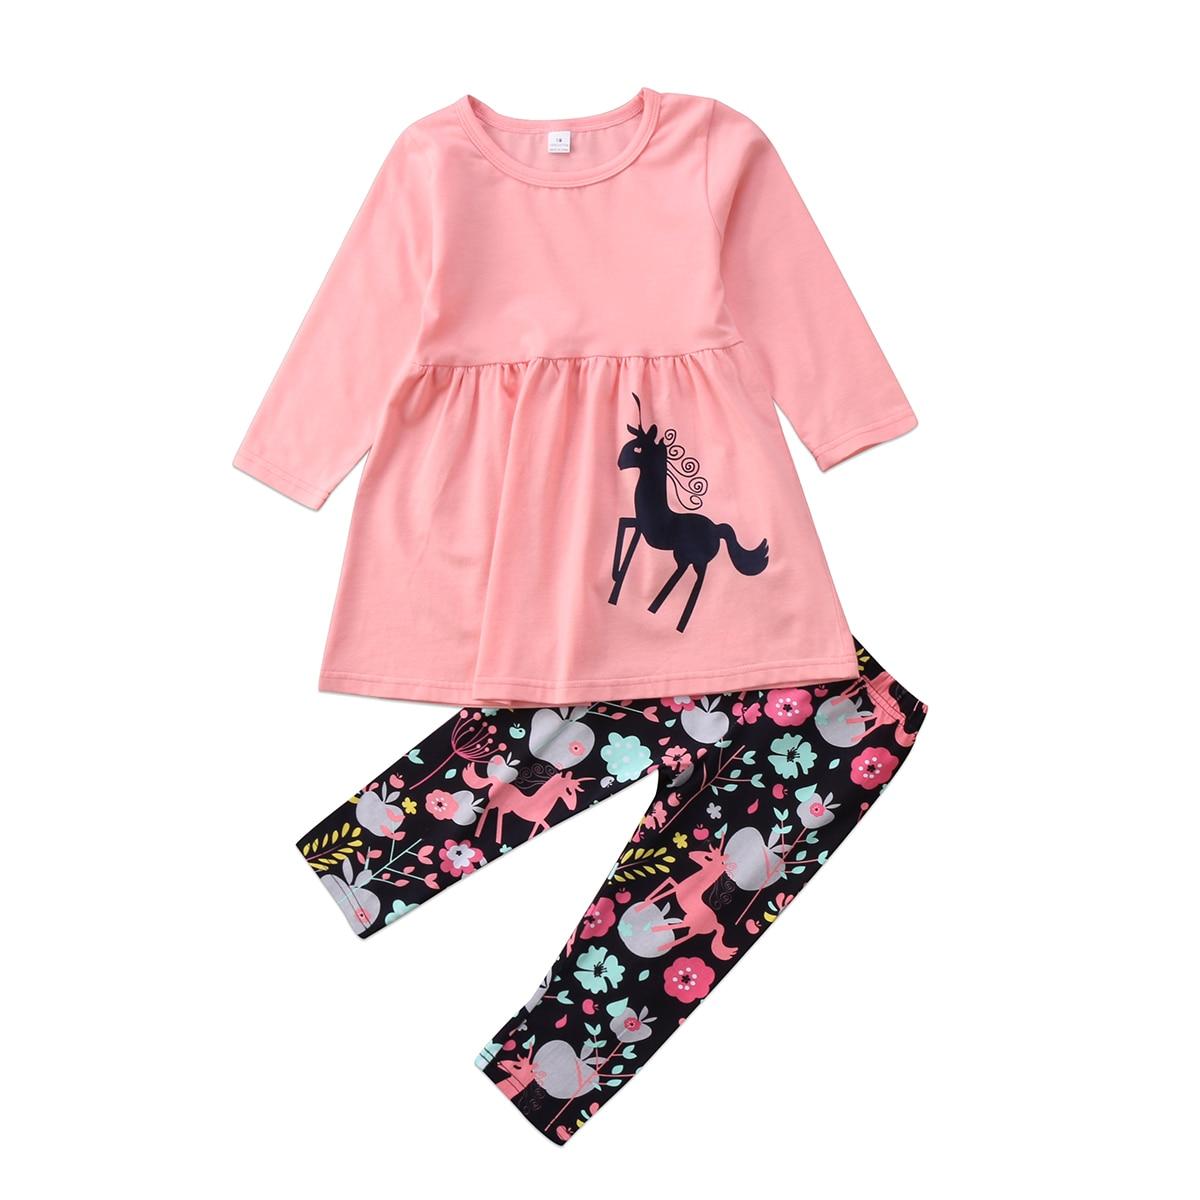 2017 Alla Moda Delle Ragazze Dei Capretti Vestito Floreale Horse Maniche Lunghe Vestito Top Rosa Pantaloni Pantaloni Outfits Vestiti Set Adottare La Tecnologia Avanzata